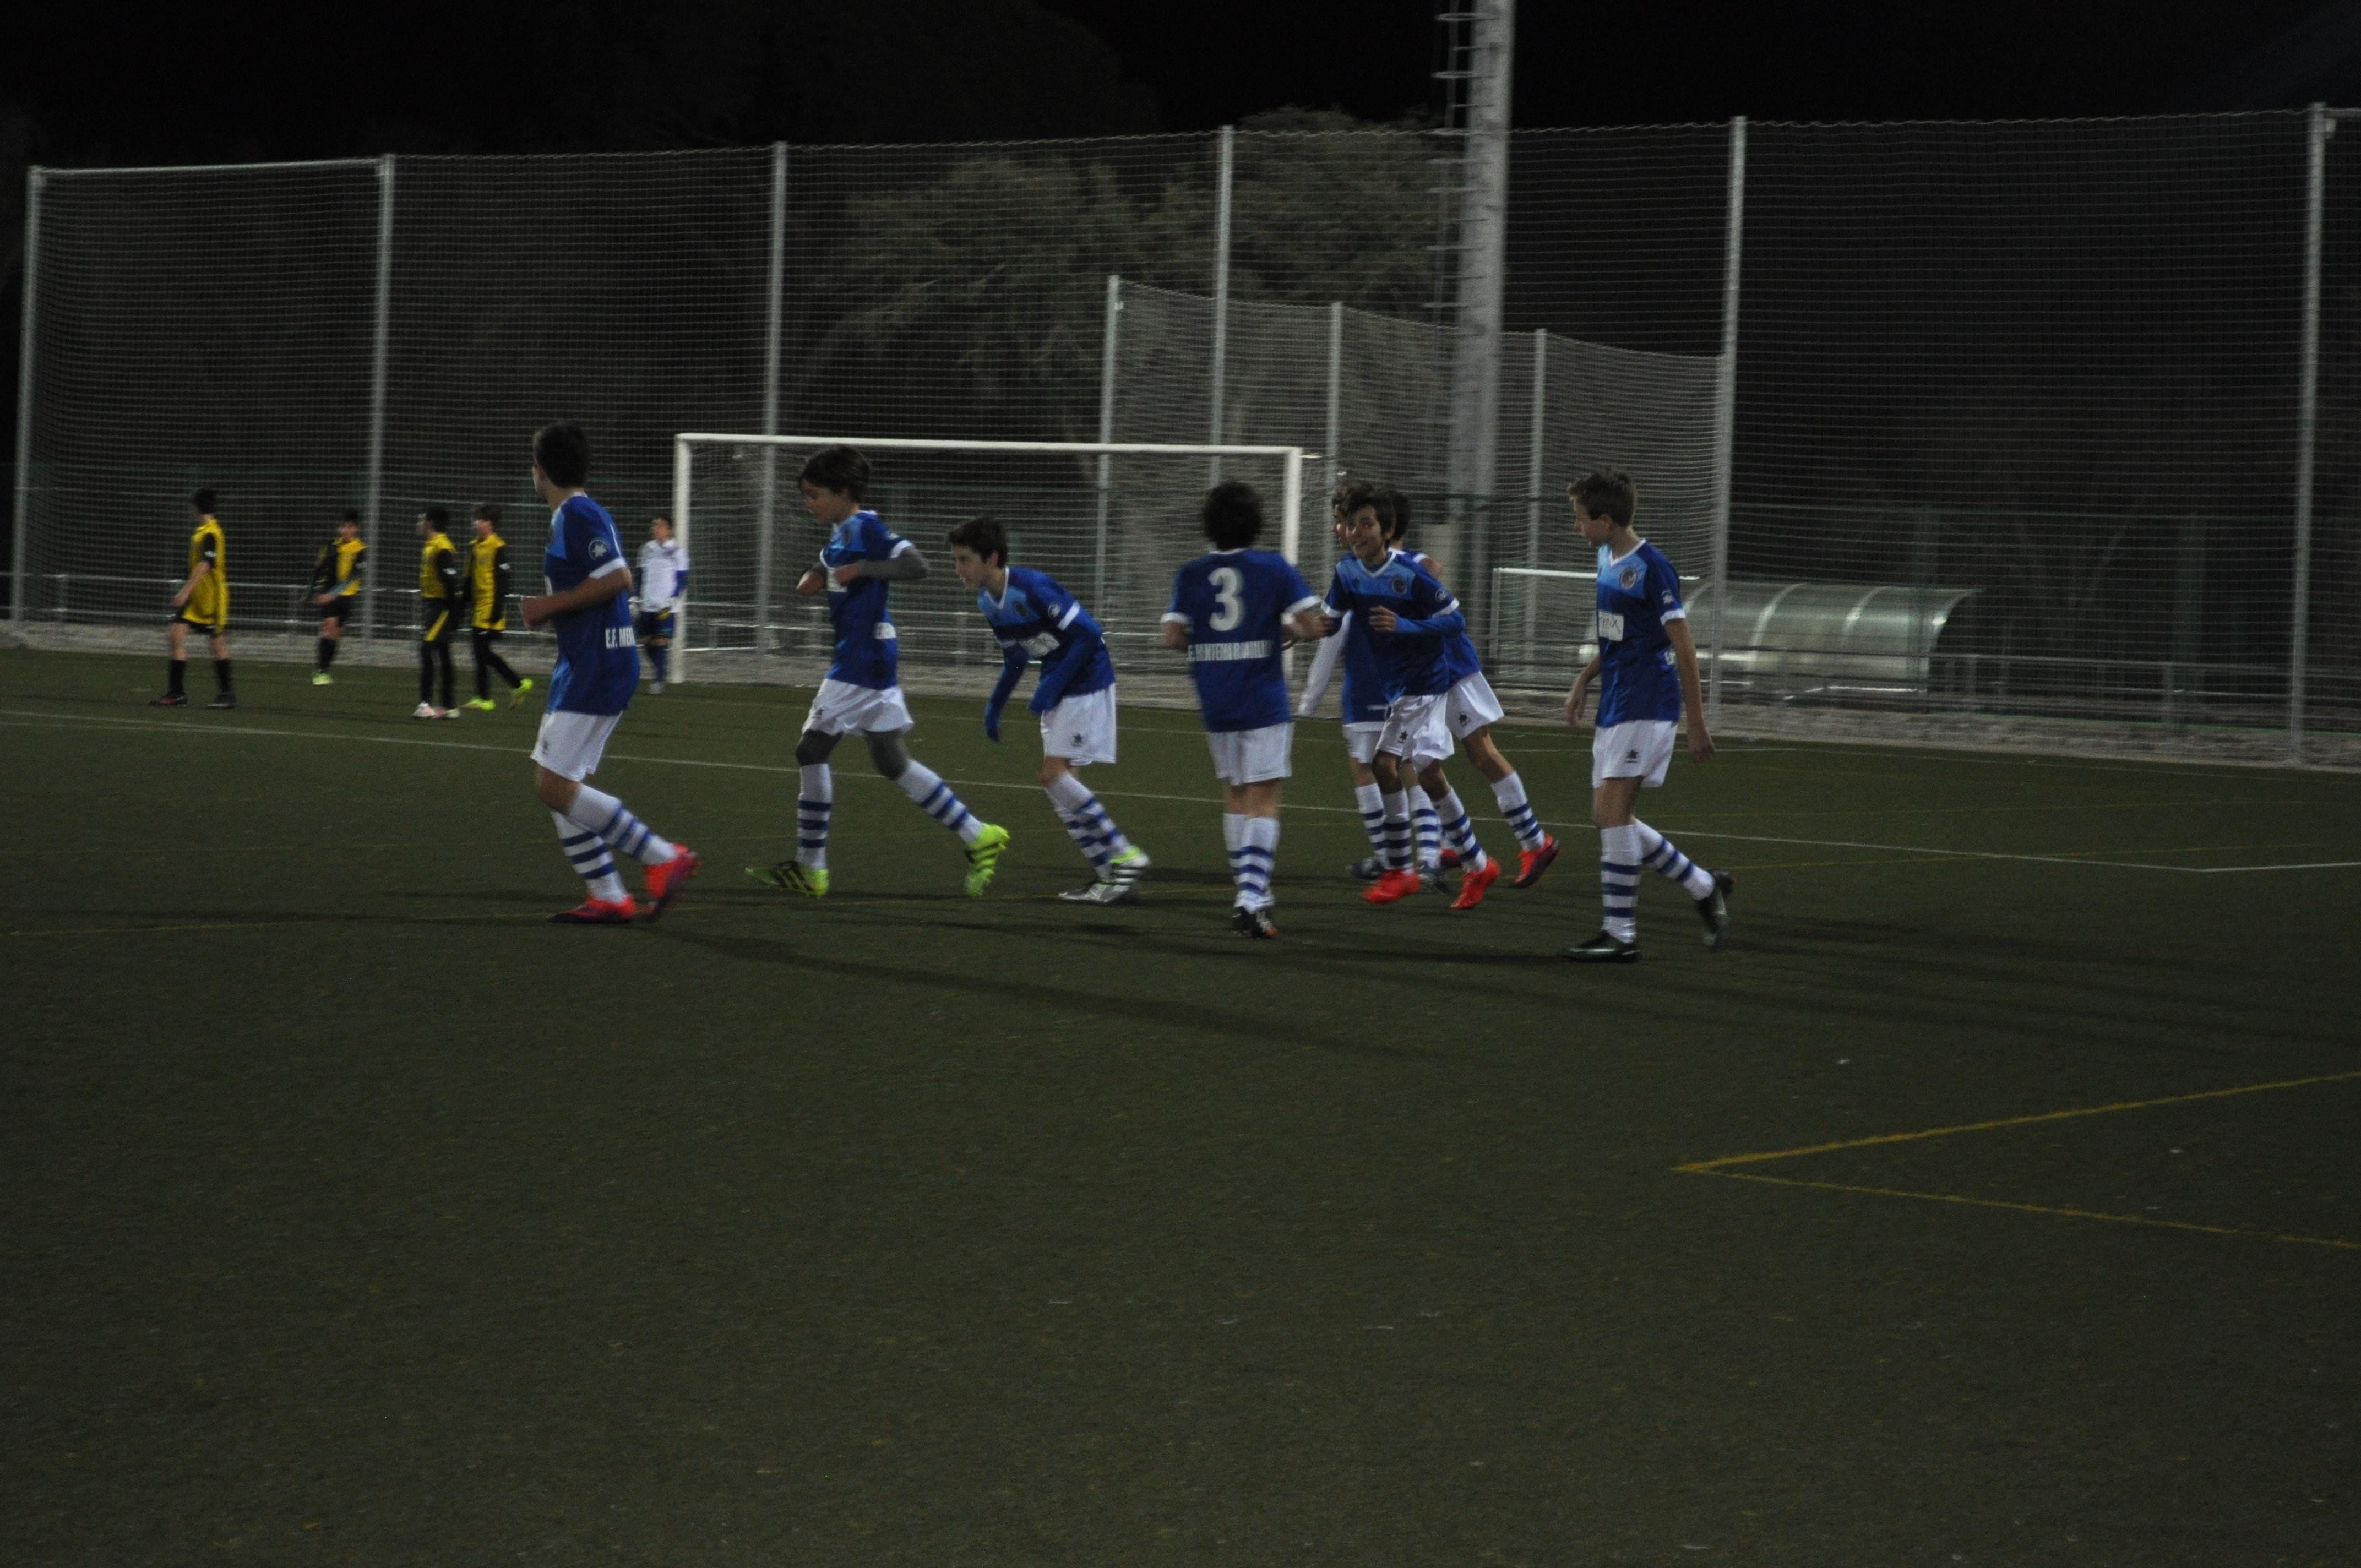 escuela_futbol_boadilla_8_años